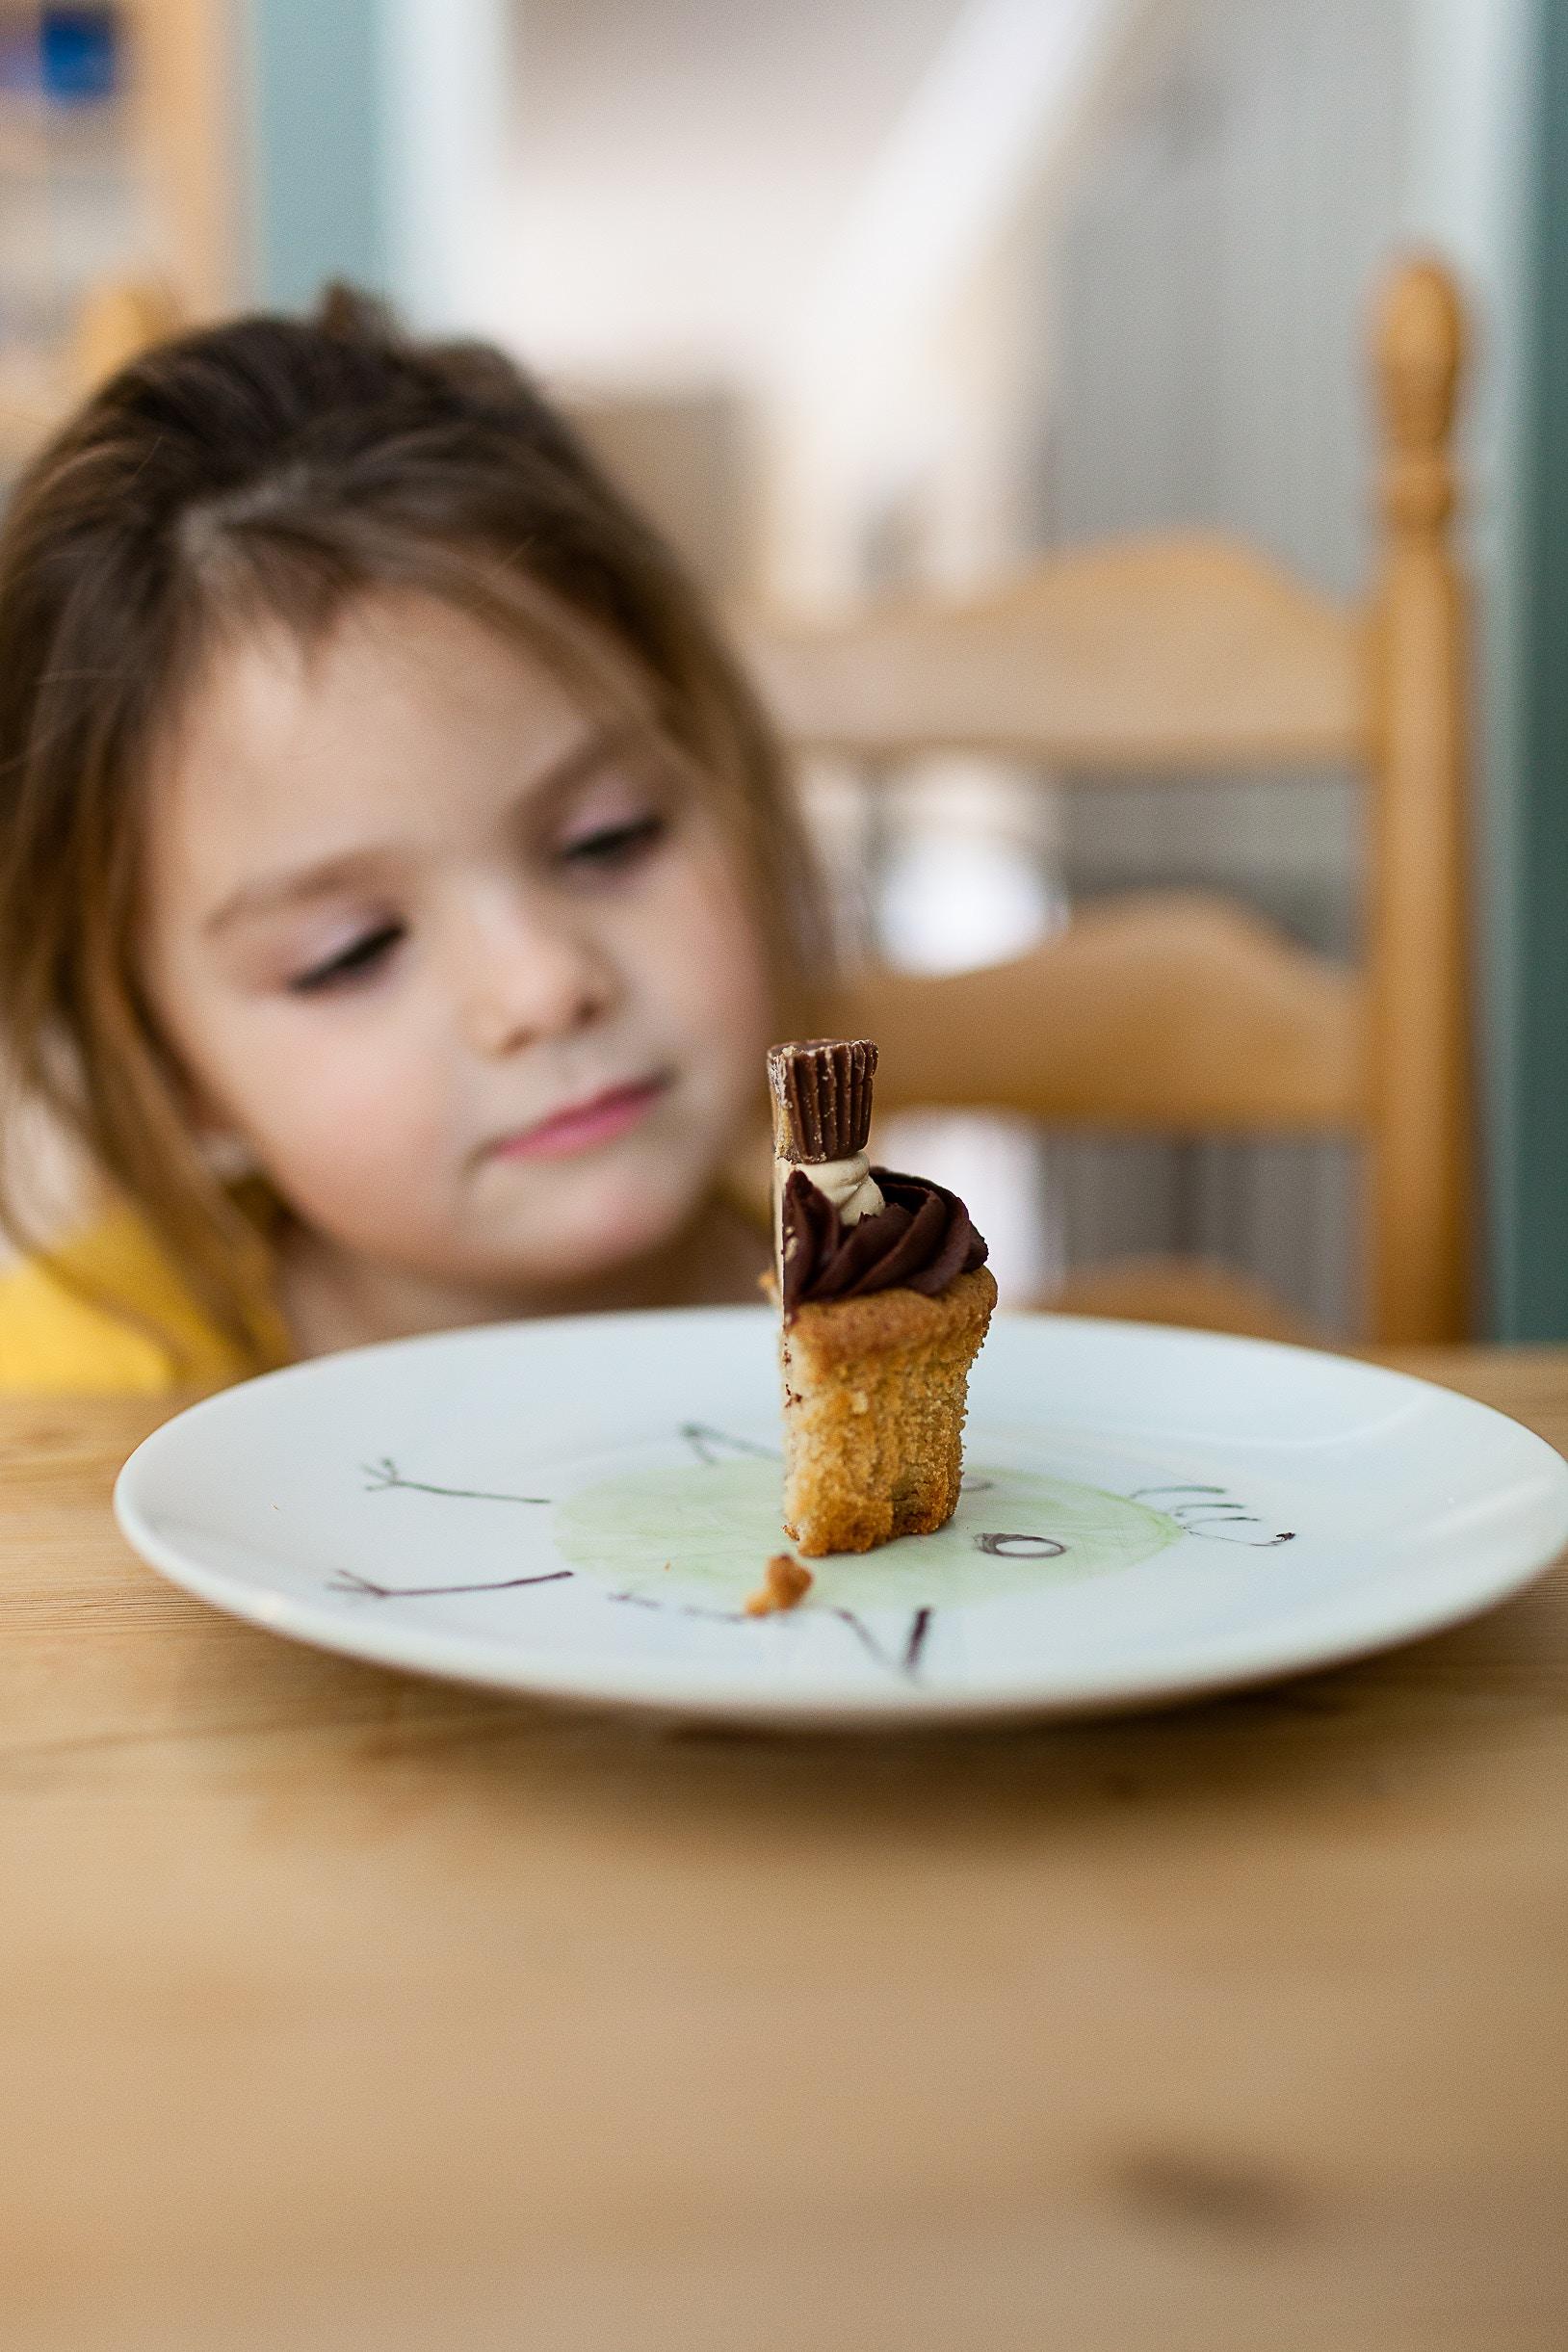 mijn kind wil niet eten